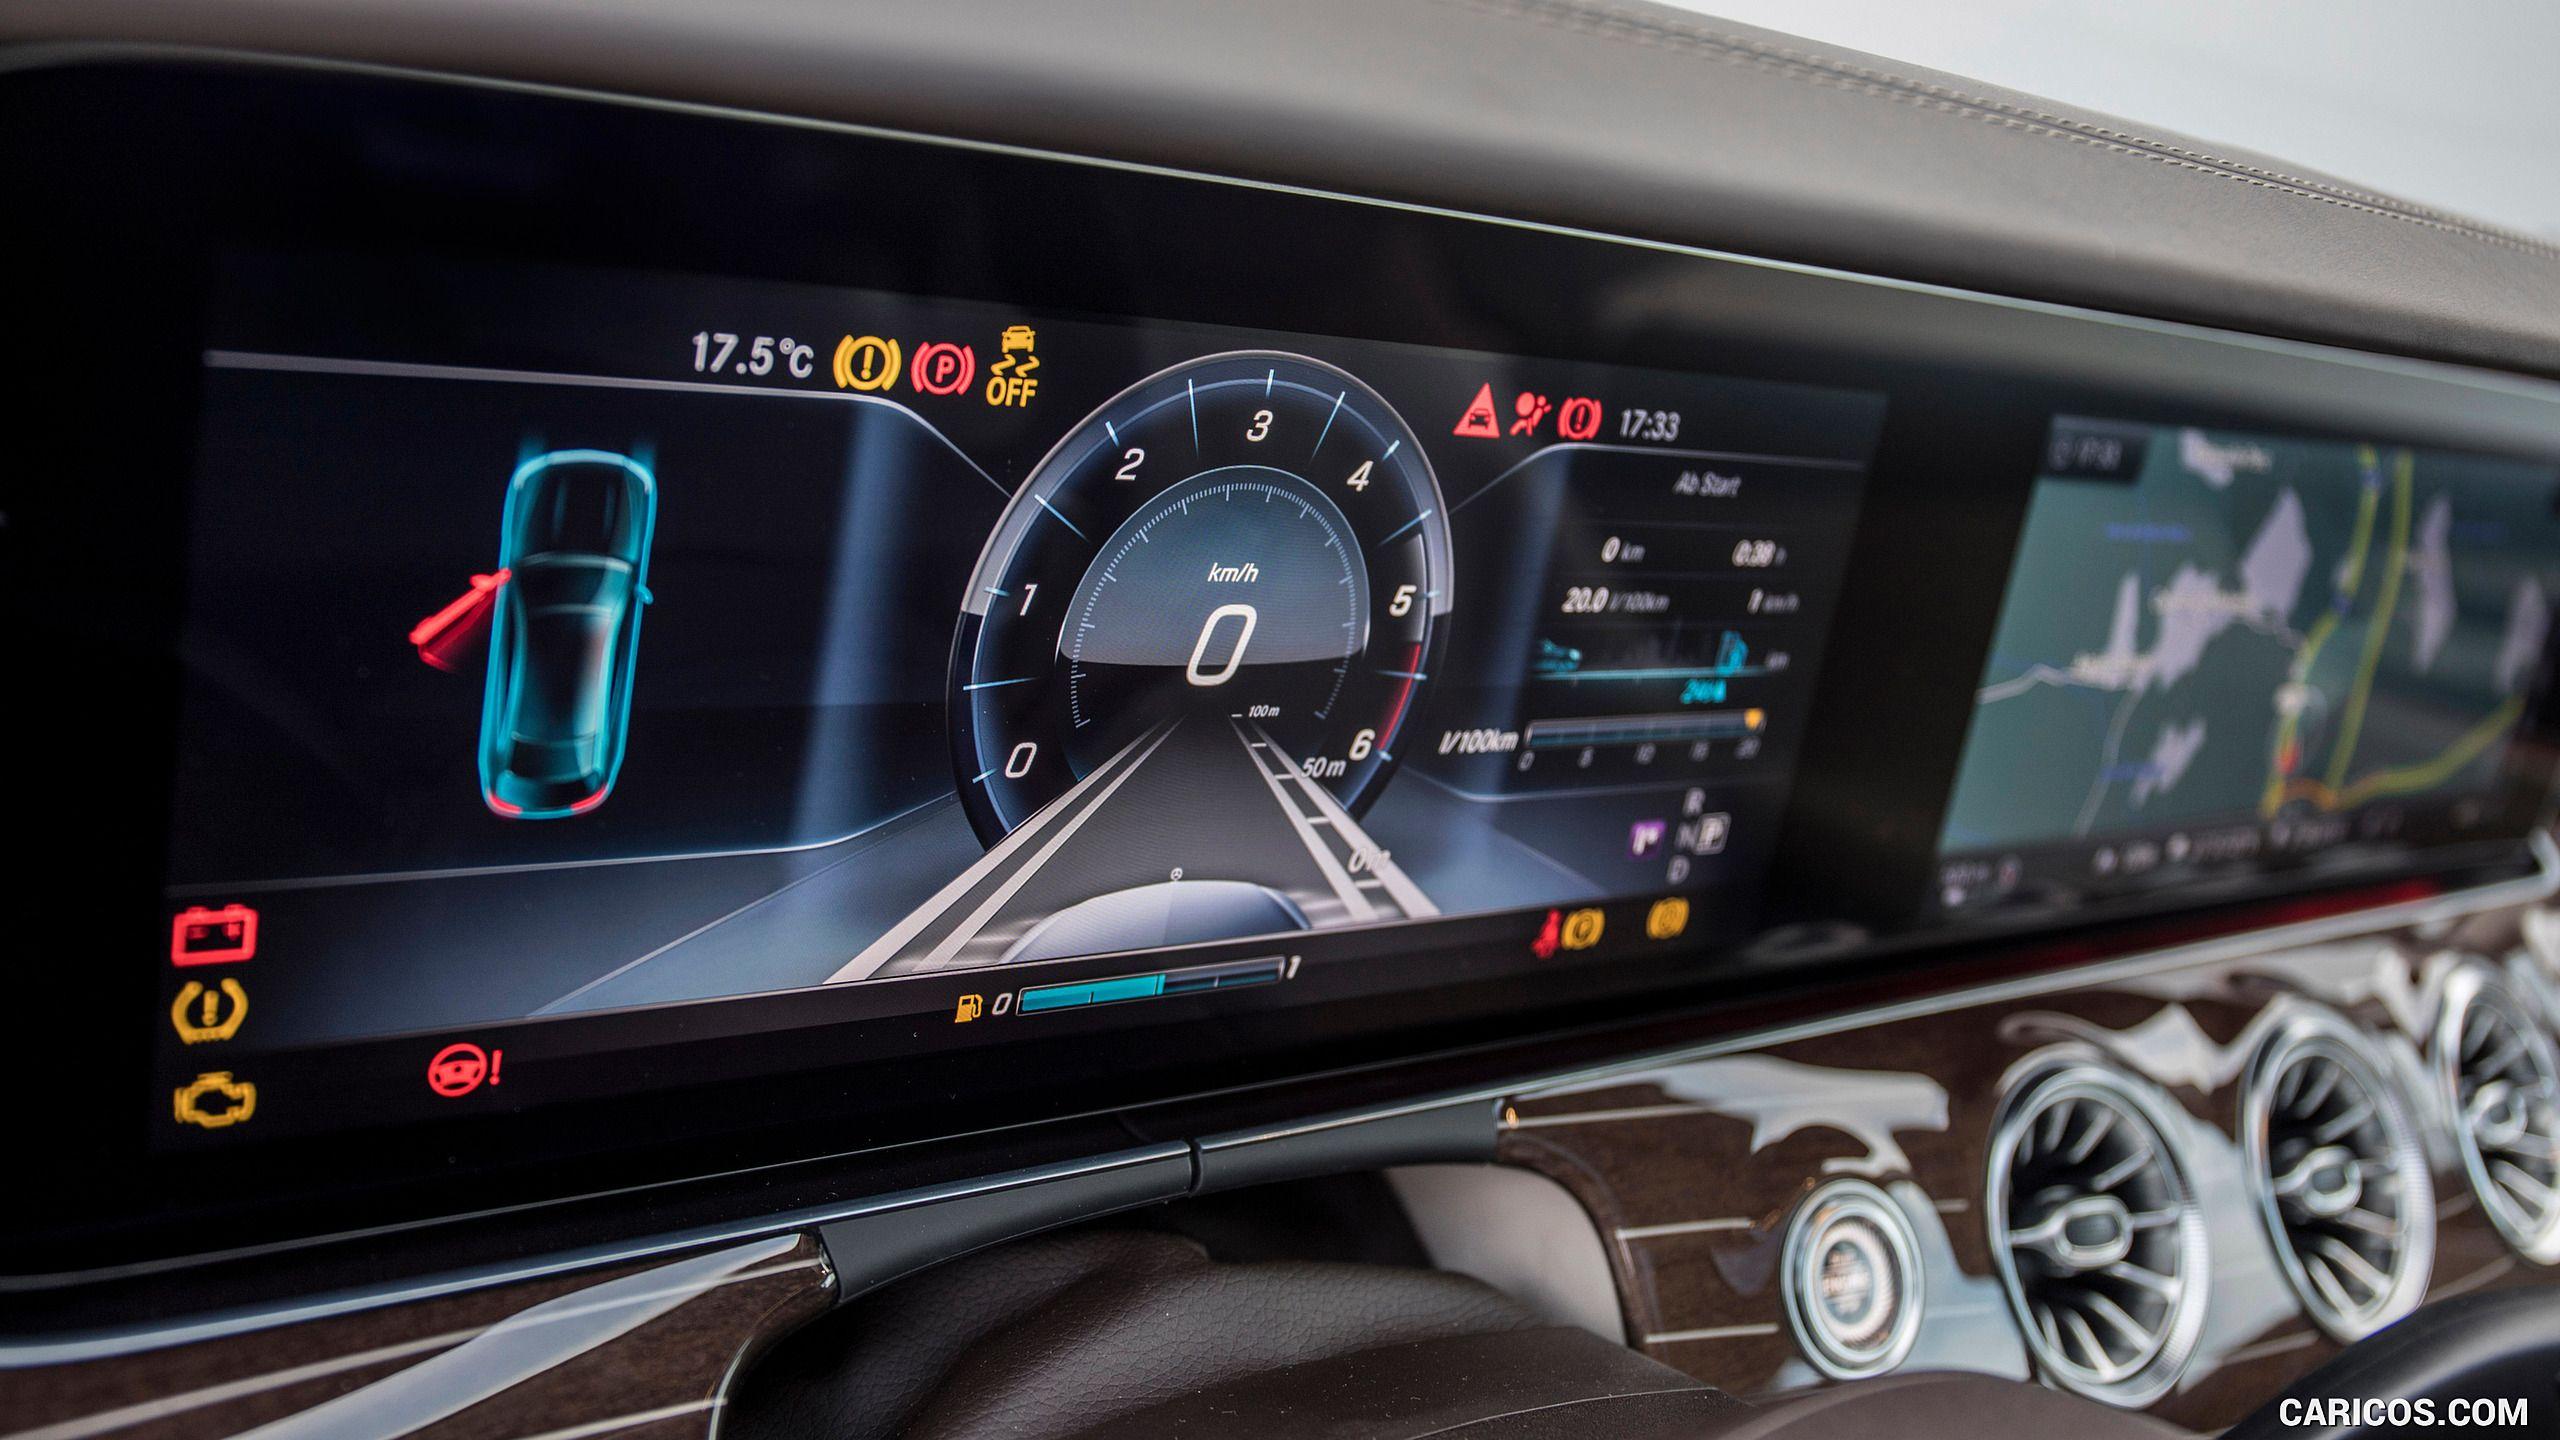 2018 mercedesbenz e400 coupe 4matic central console hd